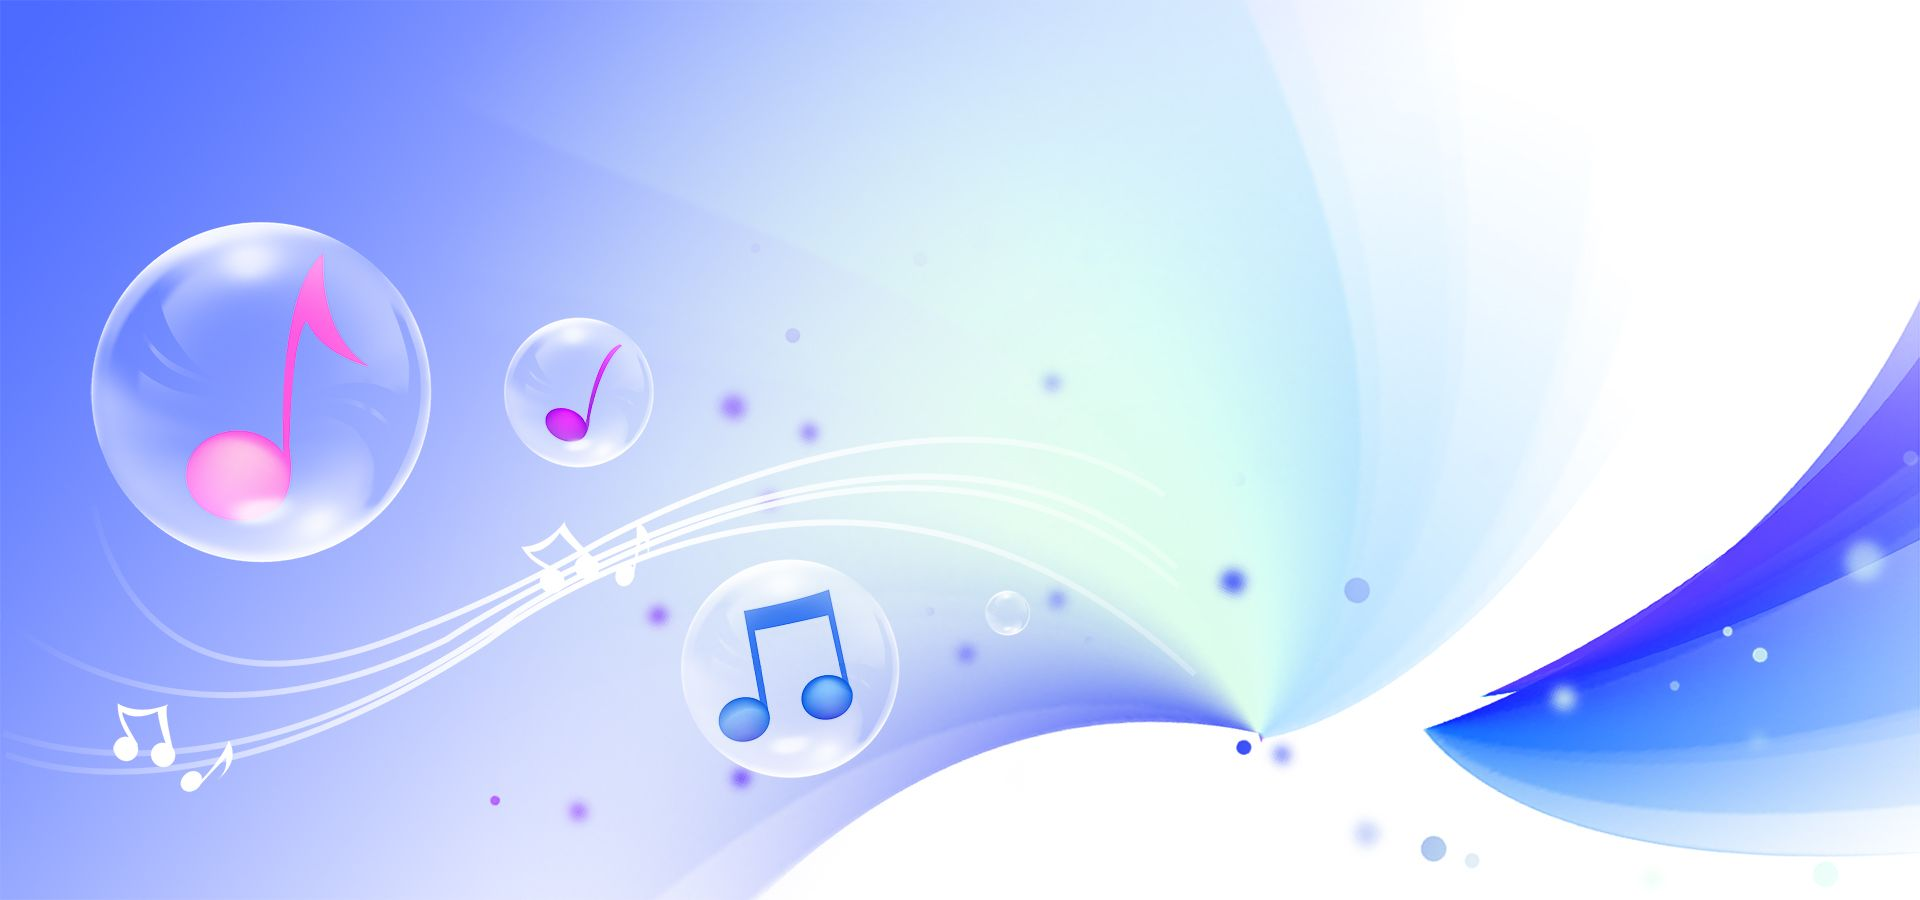 Hình ảnh âm nhạc background